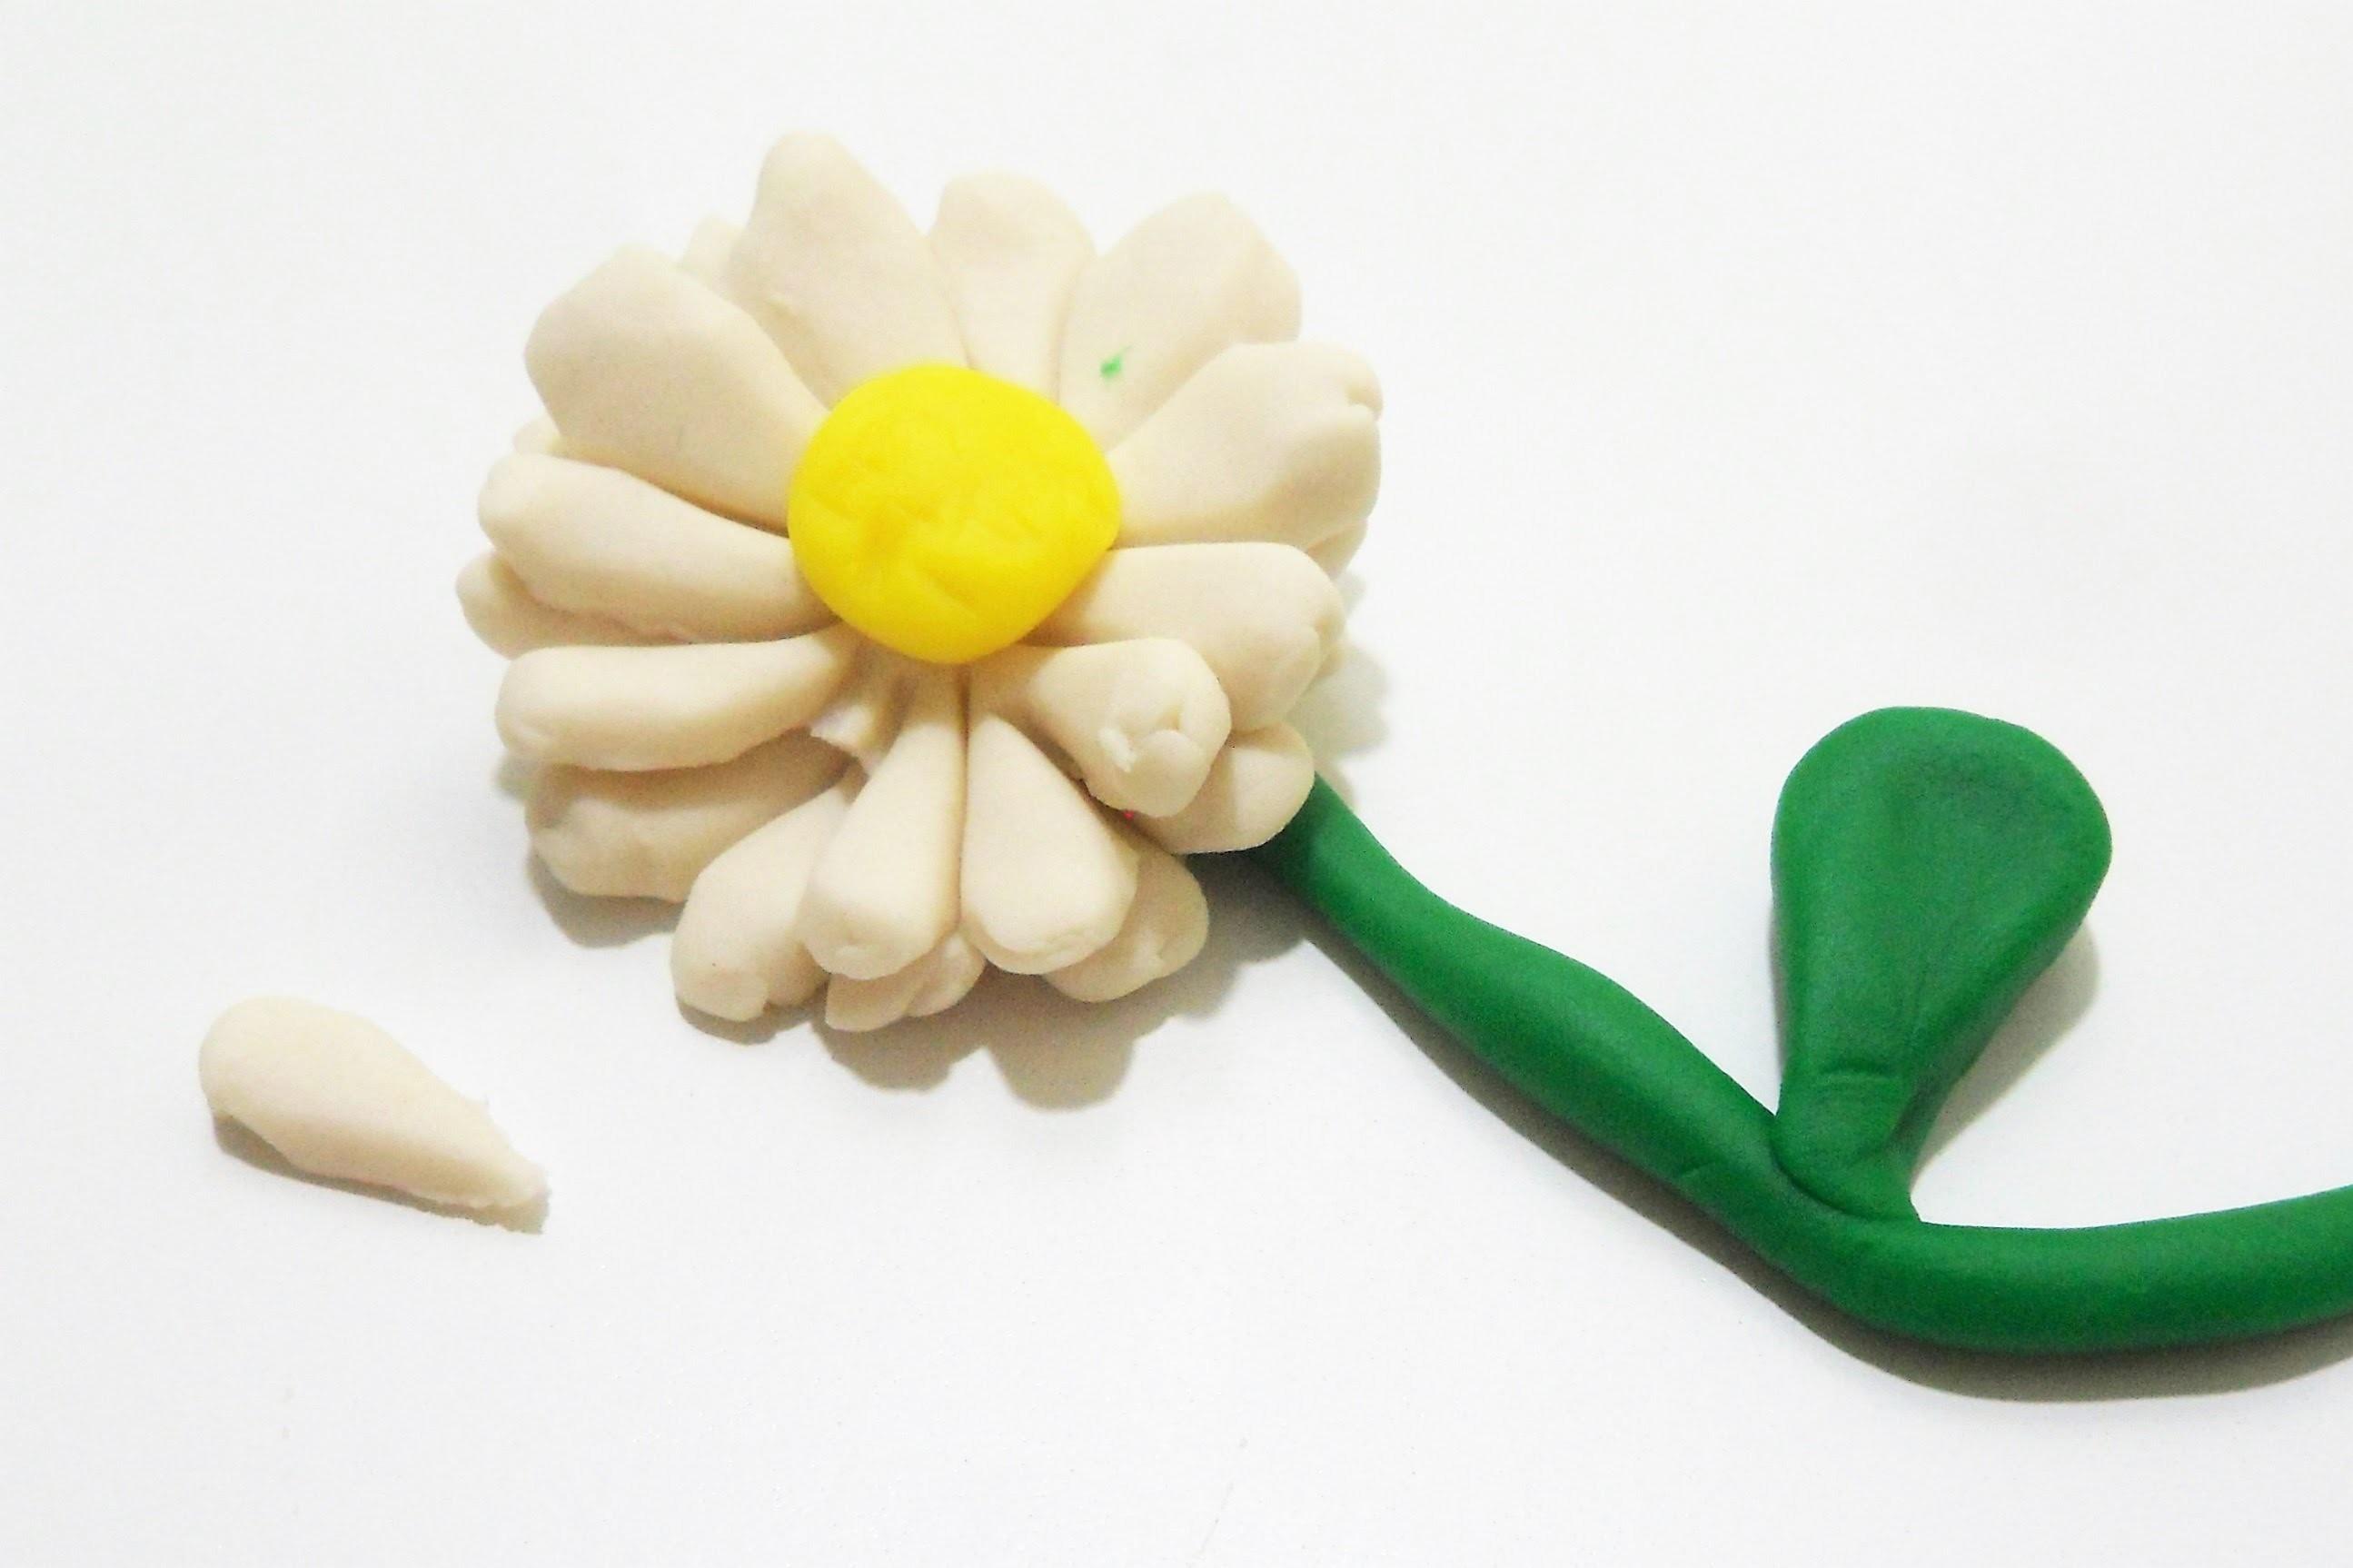 Como hacer una flor margarita con plastilina play doh